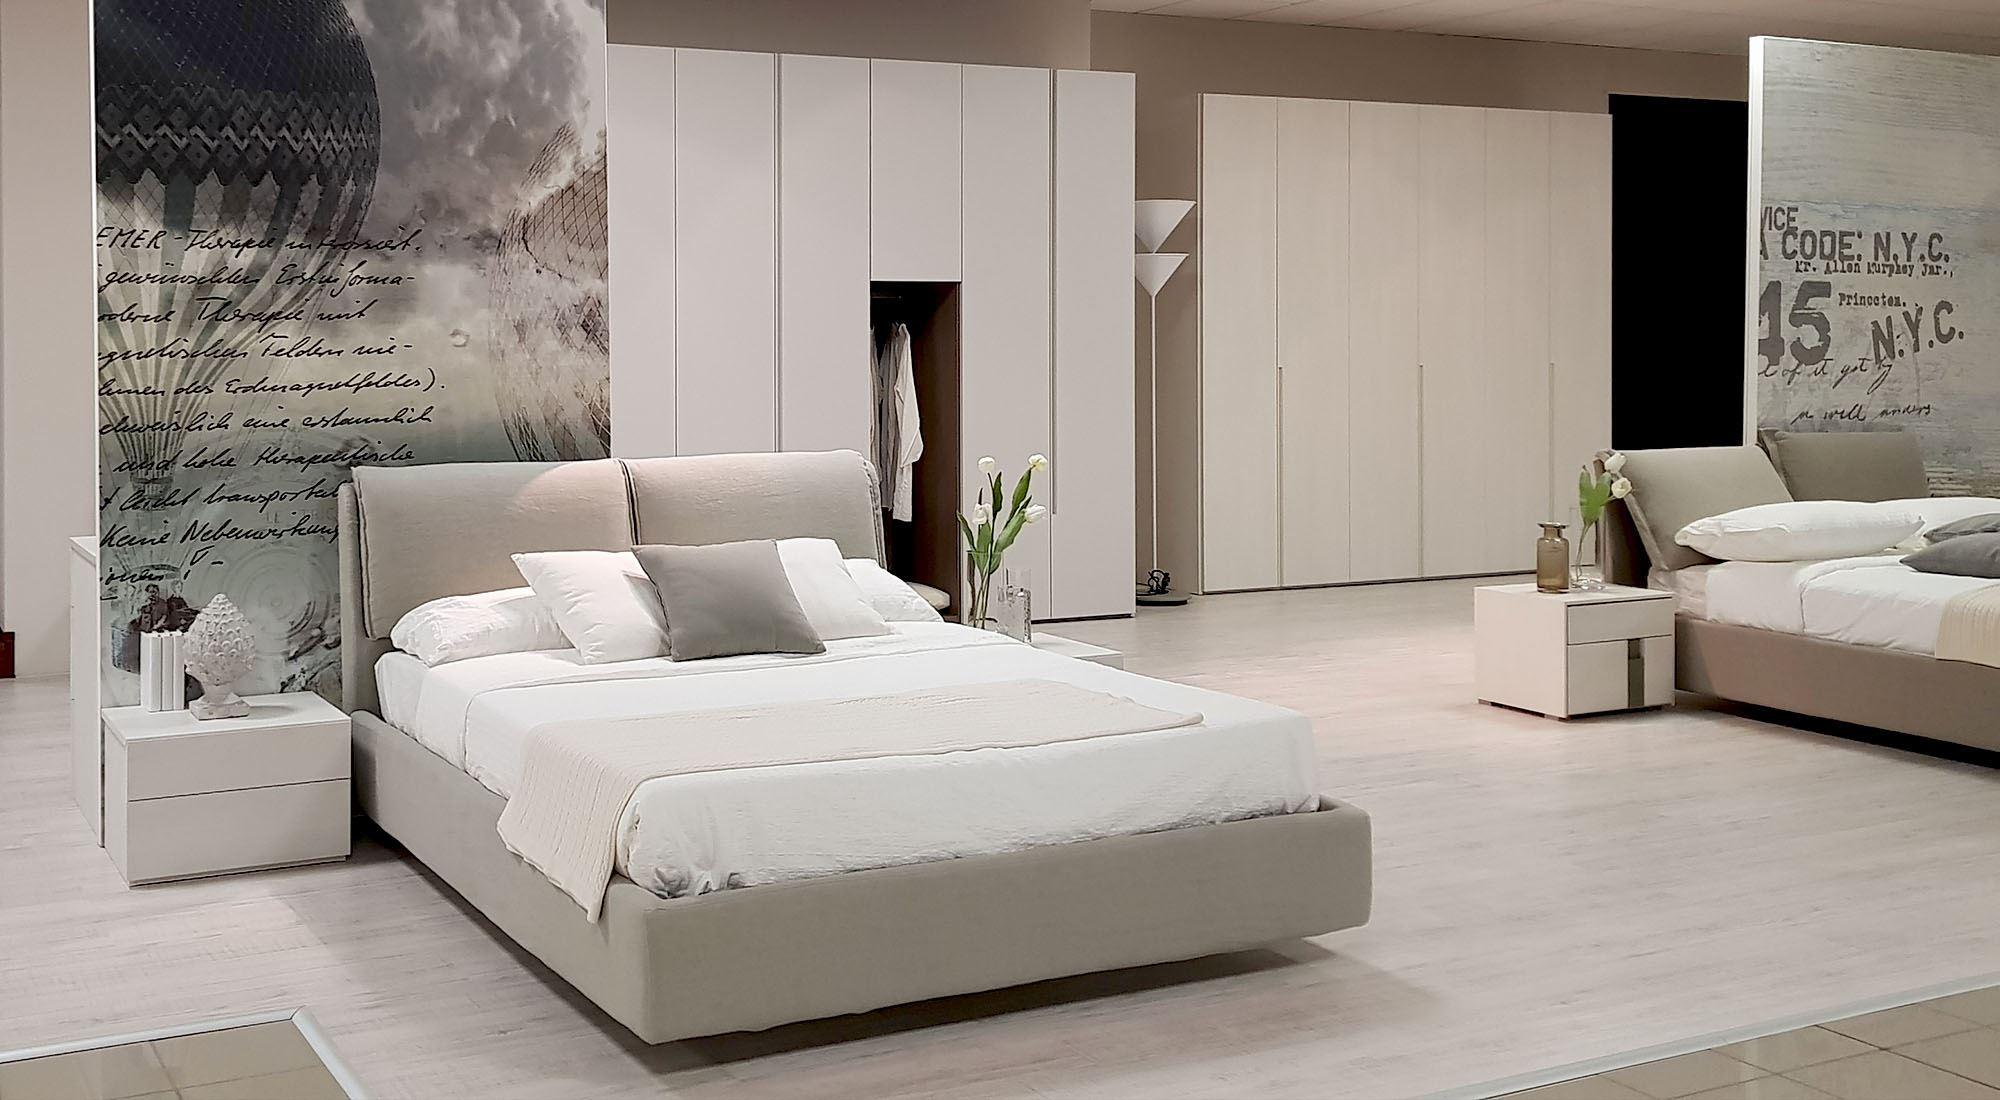 Arredamento per camere da letto a padova for Aziende camere da letto